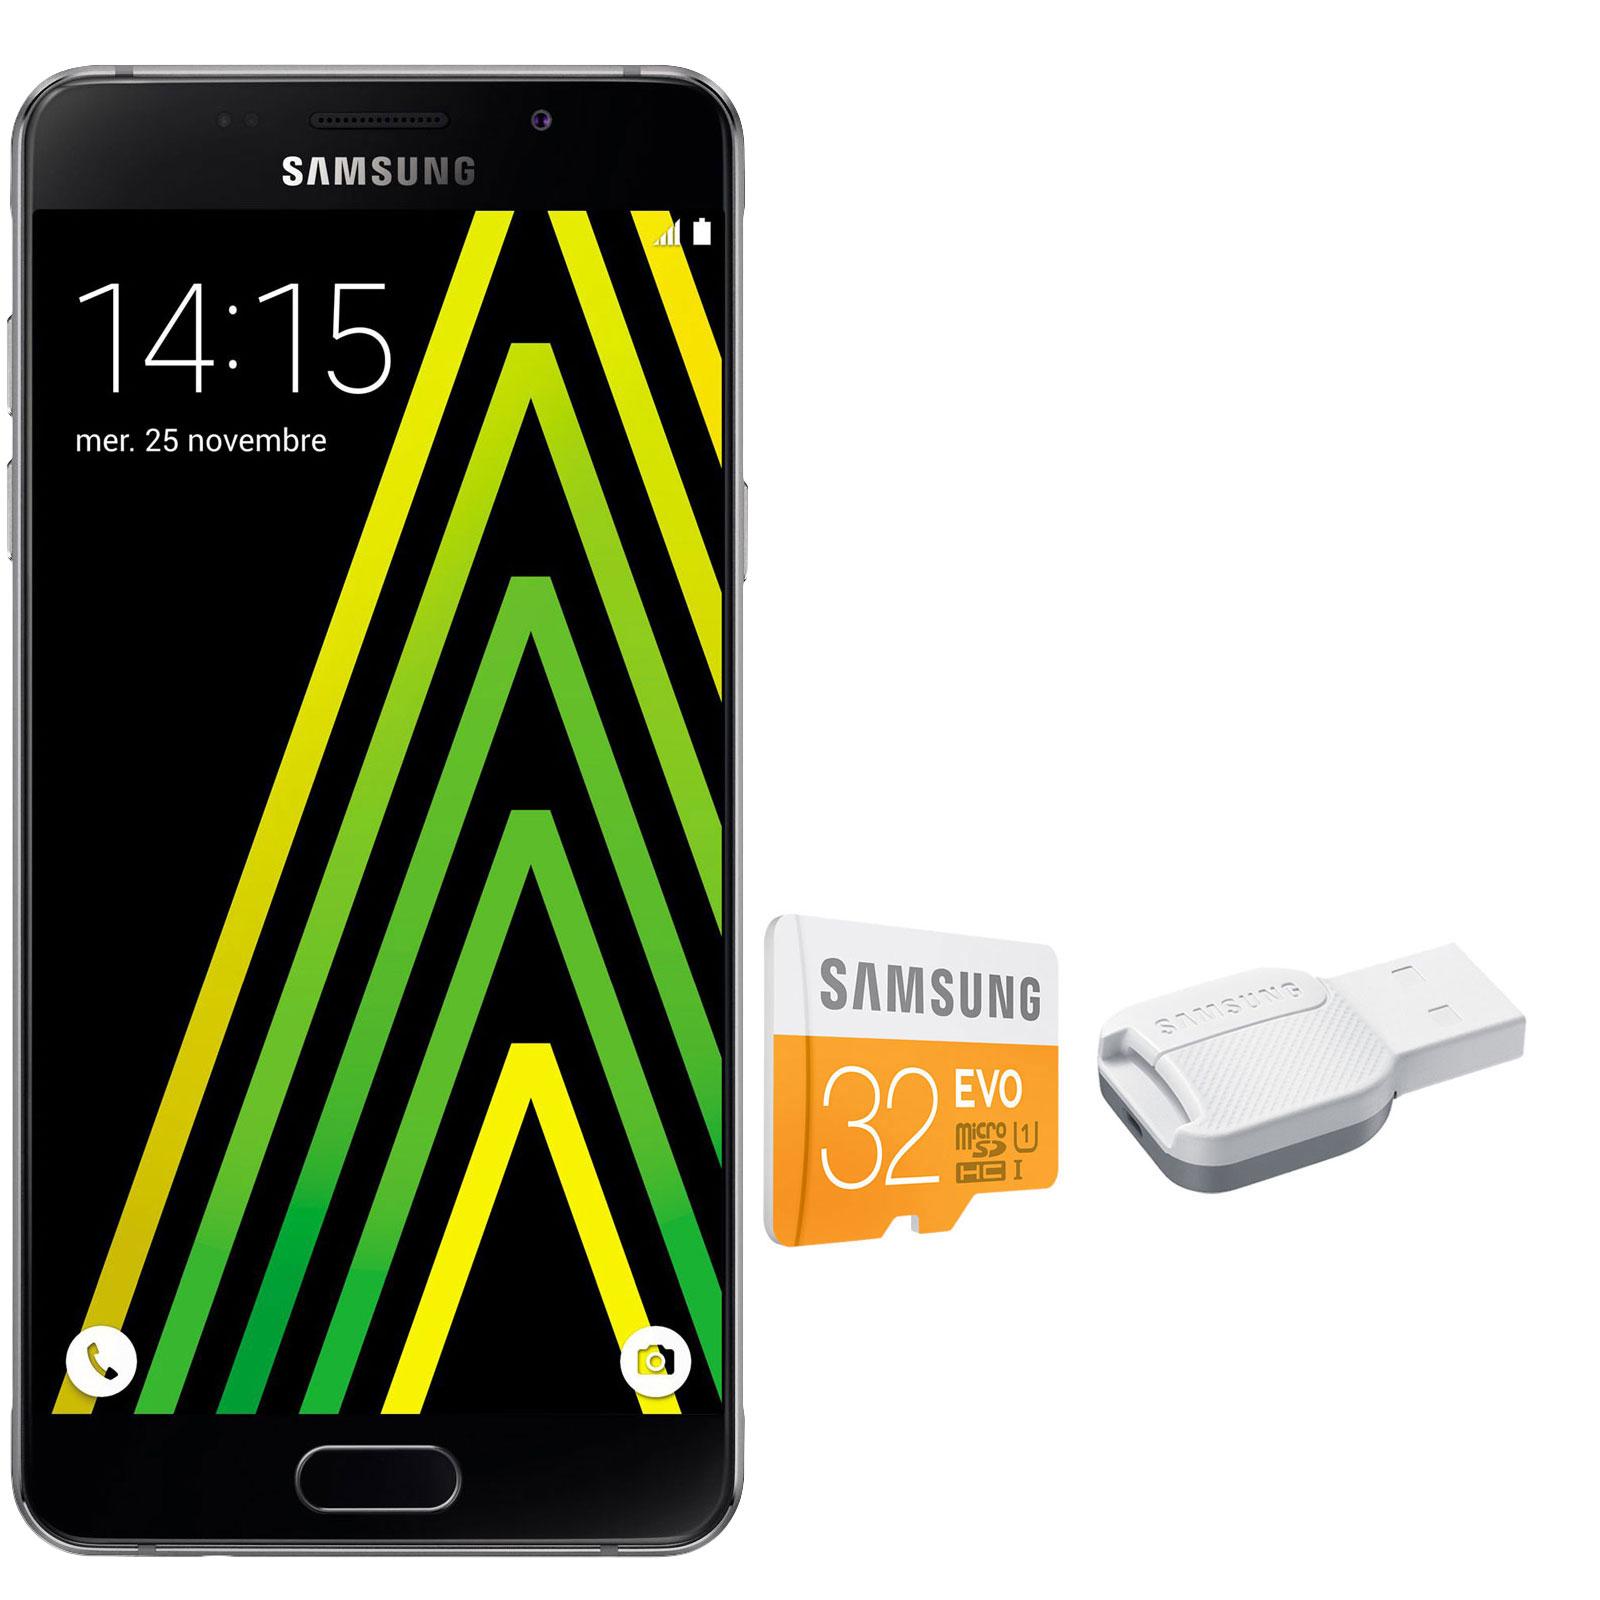 Samsung galaxy a5 2016 noir carte microsdhc 32 go for Photo ecran samsung a5